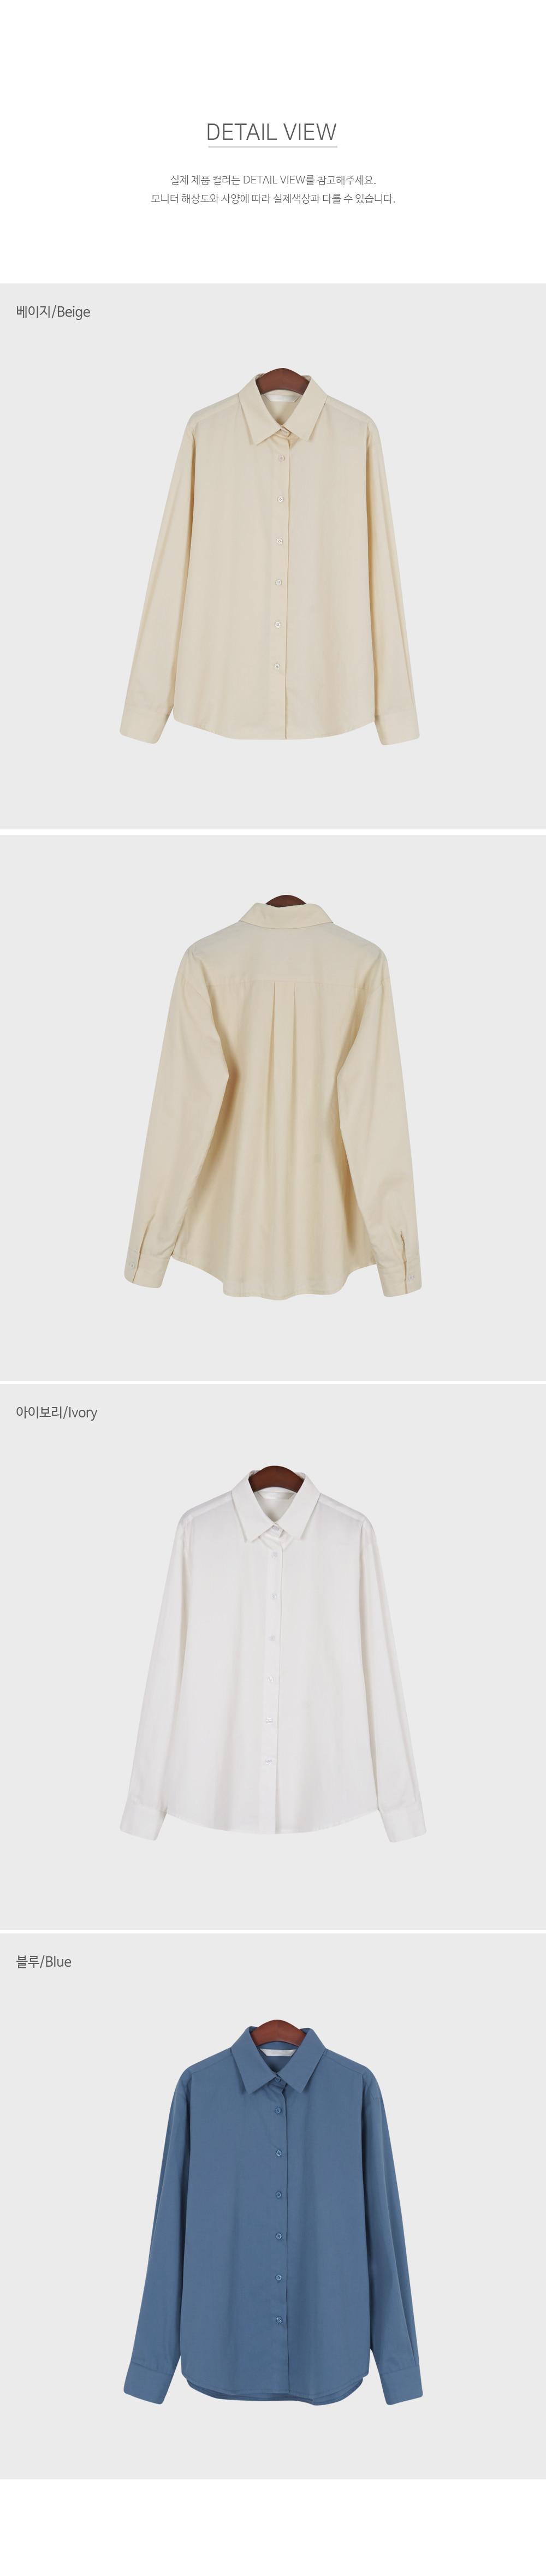 Kelly Basic Daily Shirt-holiholic.com